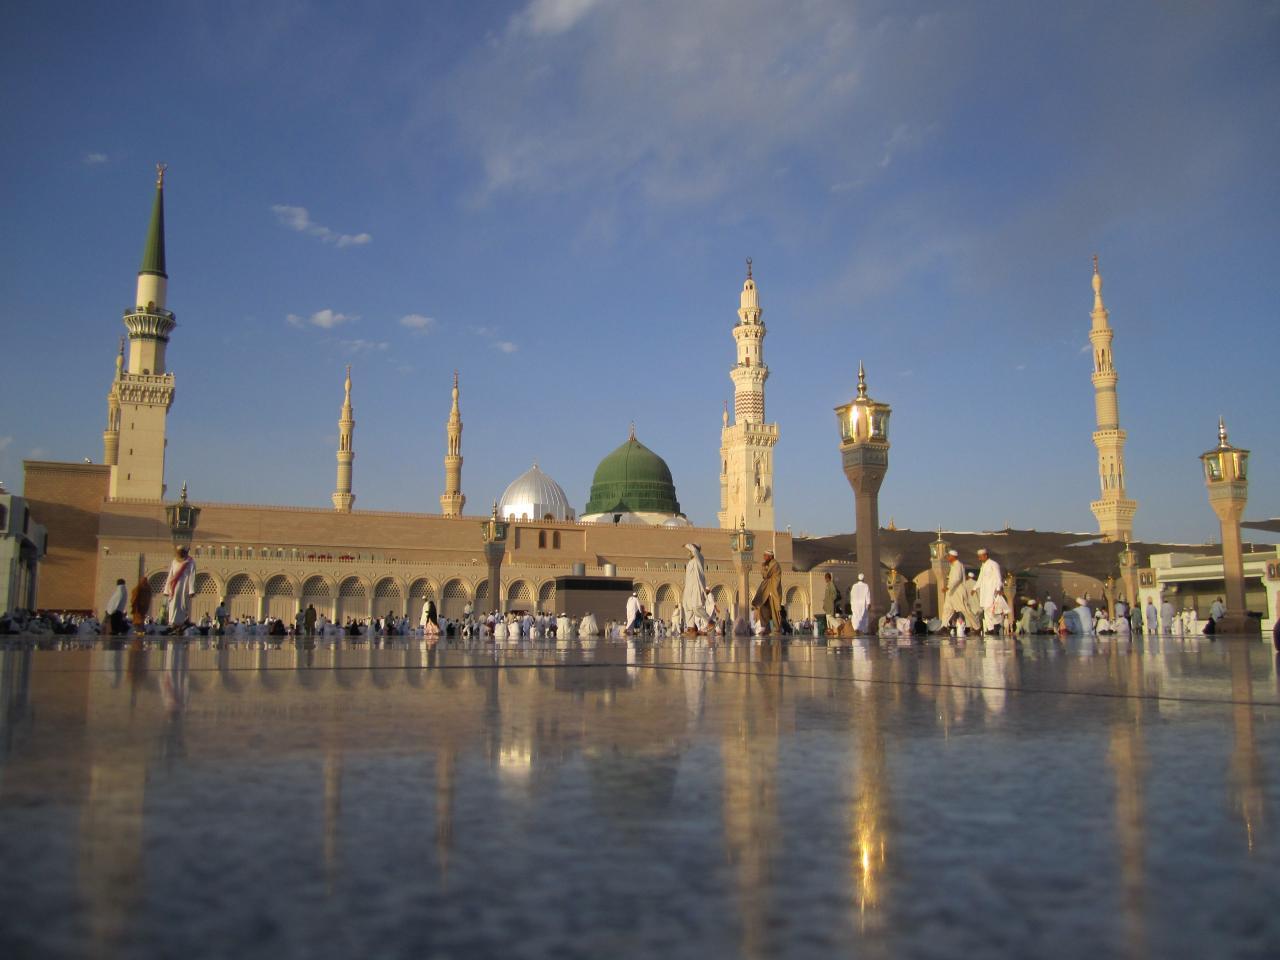 بالصور صور المسجد النبوي الشريف , الحج و العمرة لا يكتملان الا بزيارة الرسول 5590 3